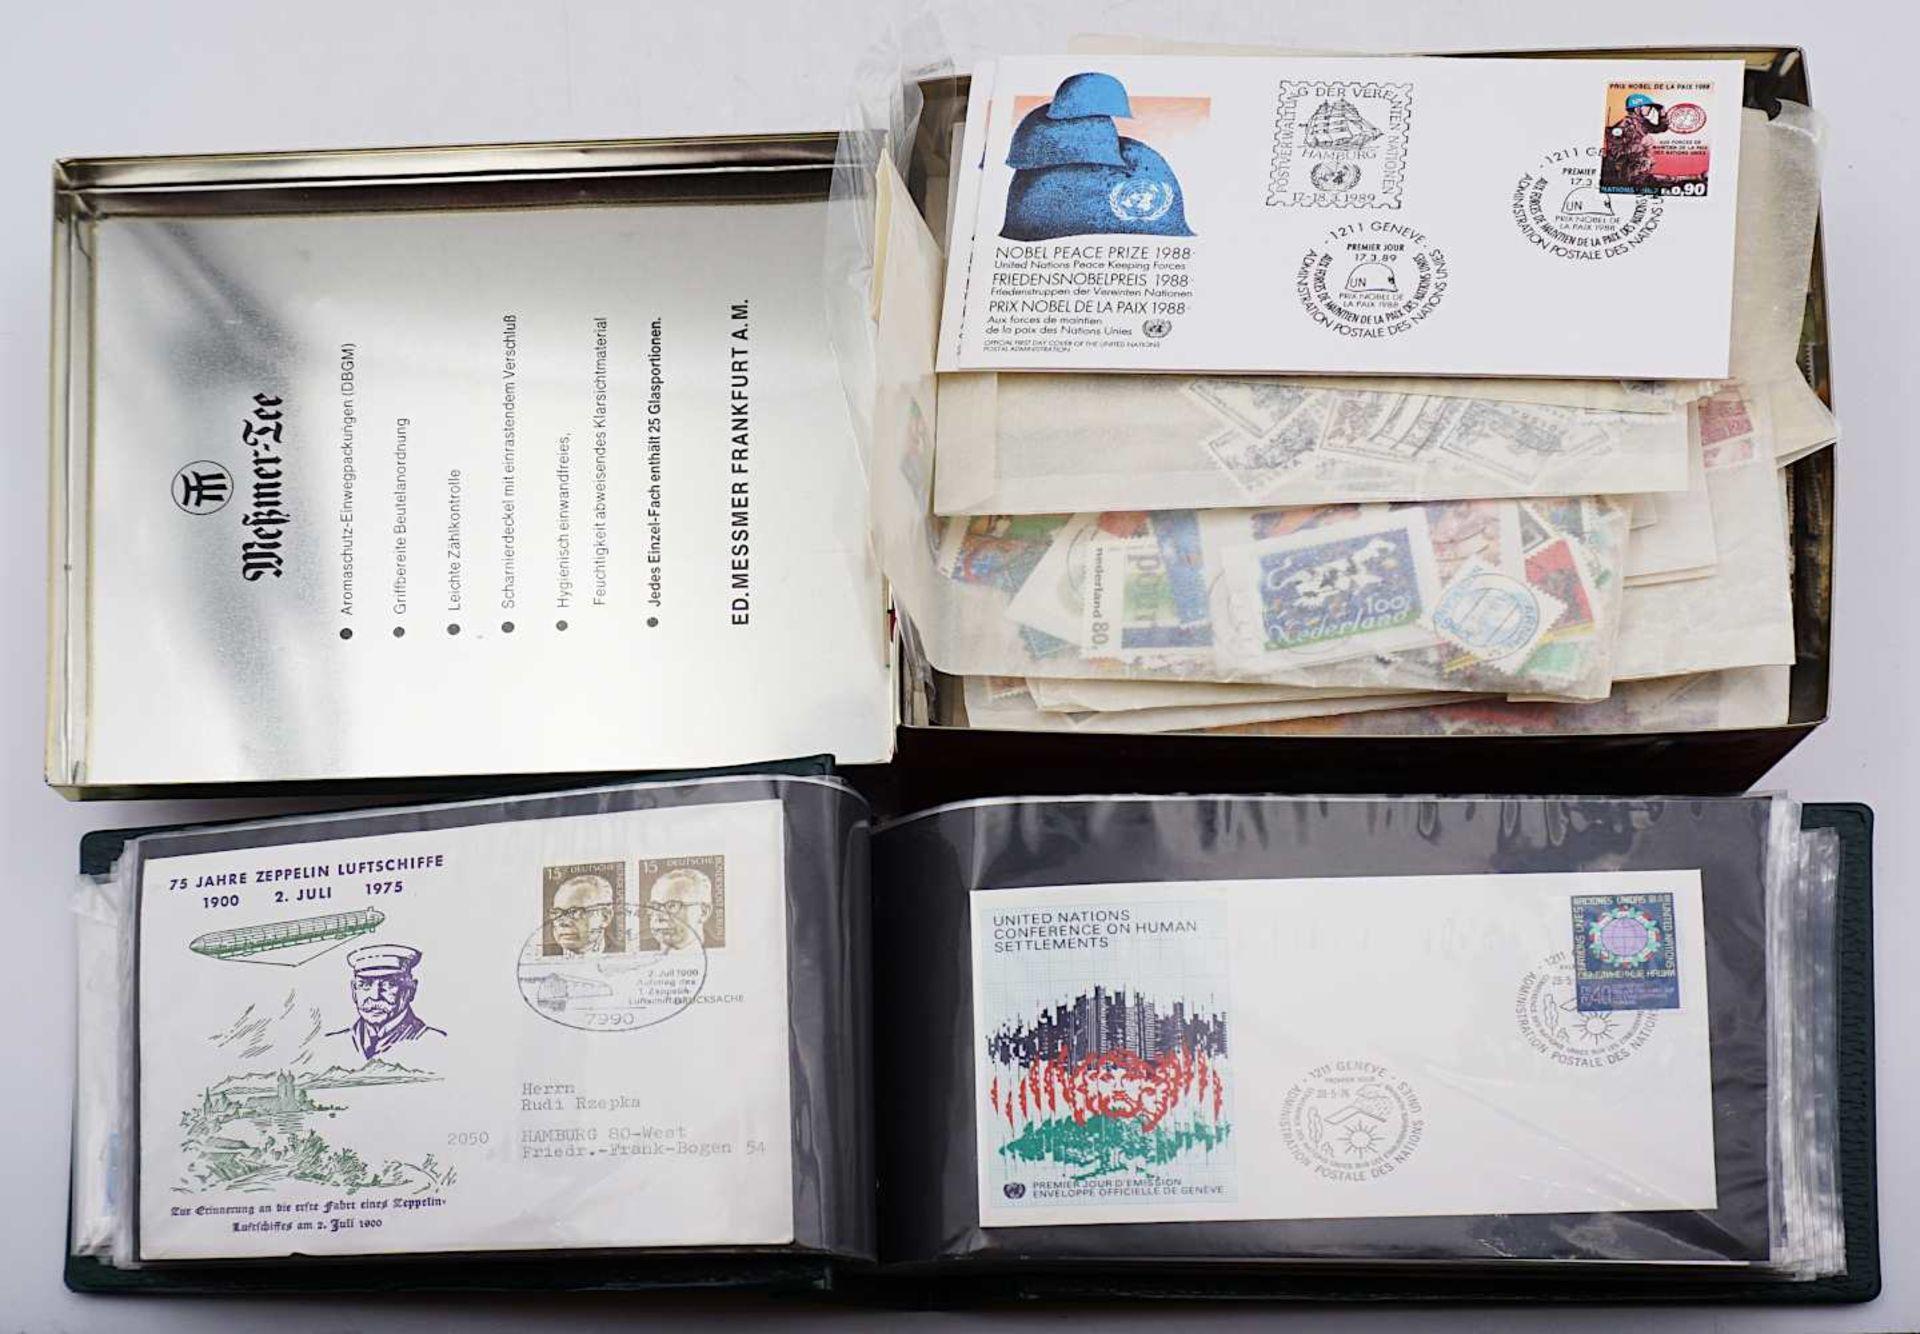 1 Konv. Briefmarken, Alle Welt 20. Jh. lose in versch. Sammeltüten sowie Postkarten/B - Bild 2 aus 2